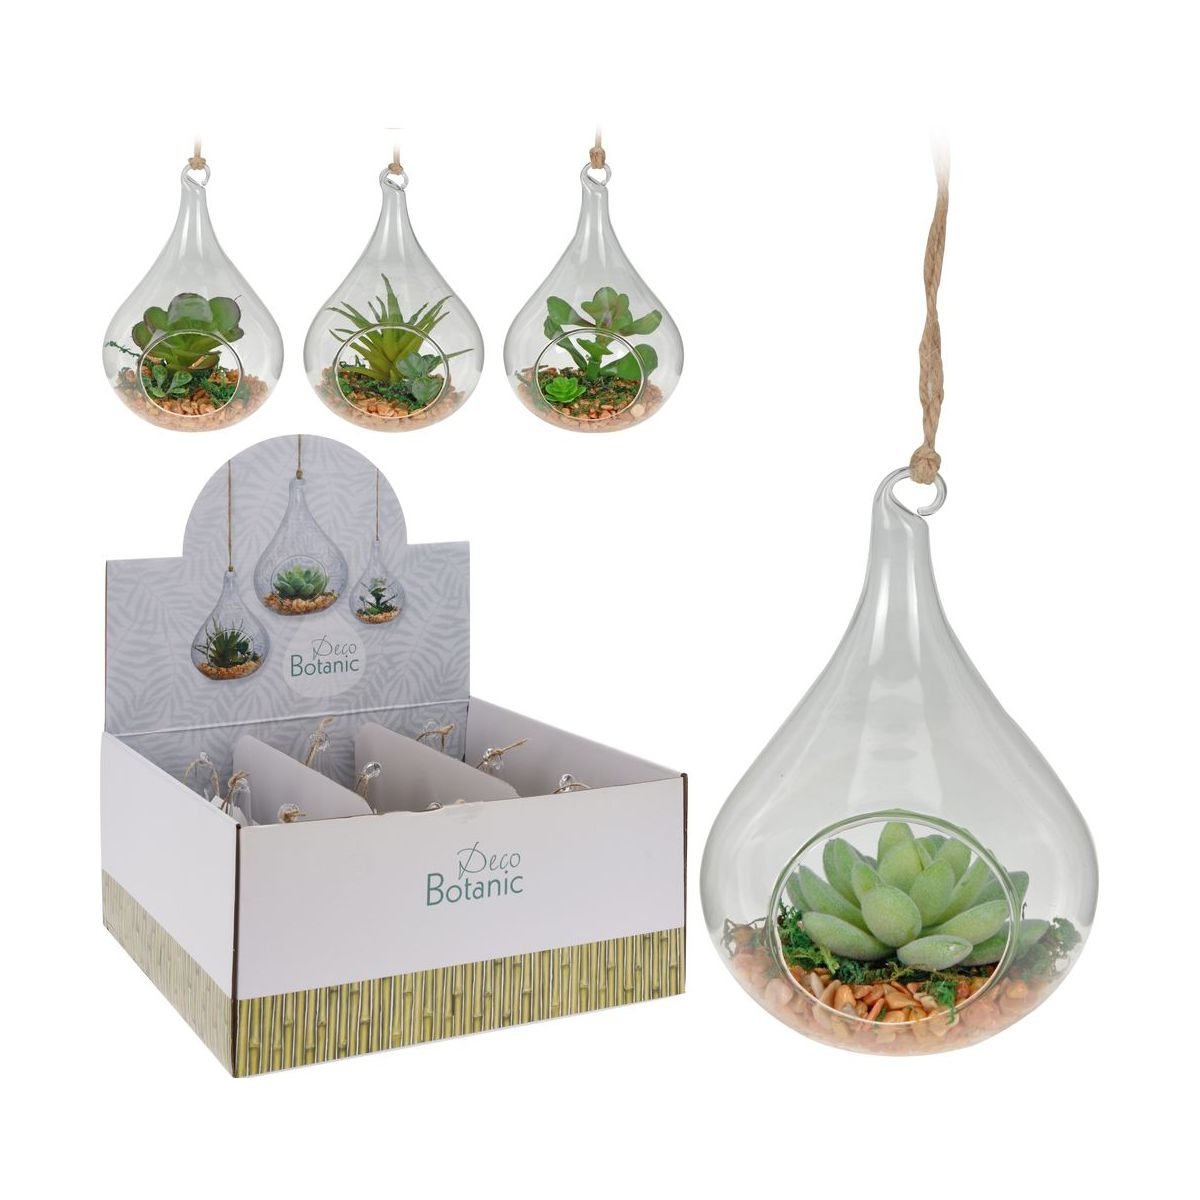 Декор подвесной с искусств. растением 10*9*14 смподвесная декорация, с искусств. растением внутри, разм. 10х9х14 см<br>